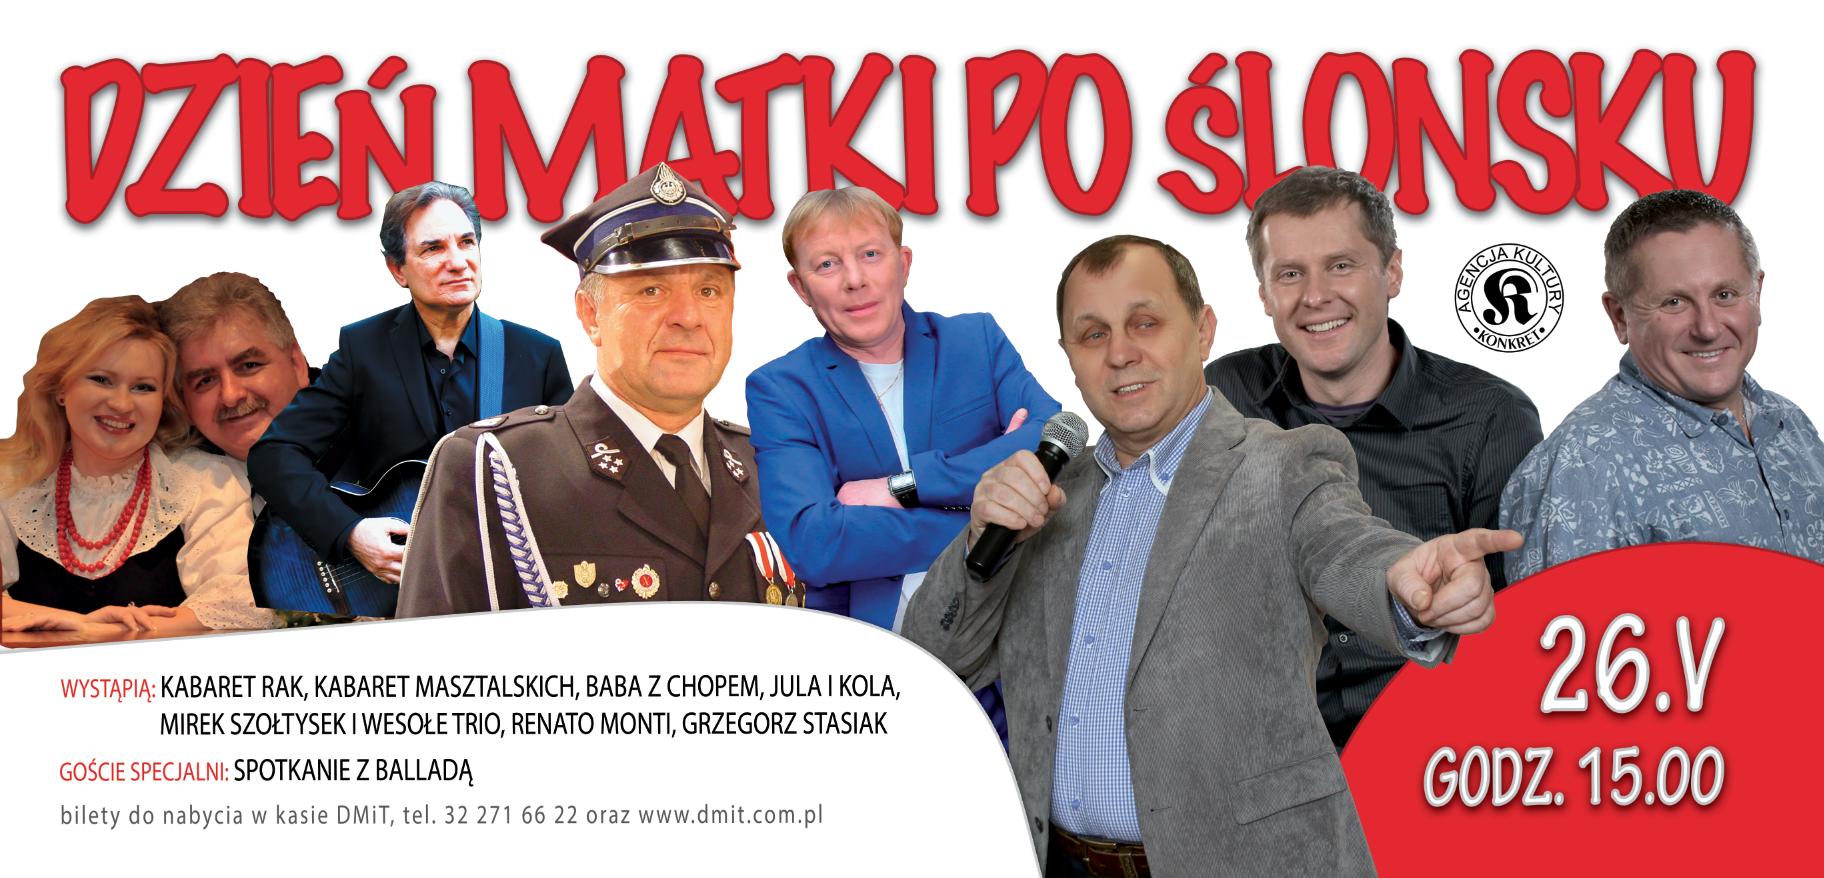 http://www.dmit.com.pl/files/dmit/2k19/dzienmatki.png